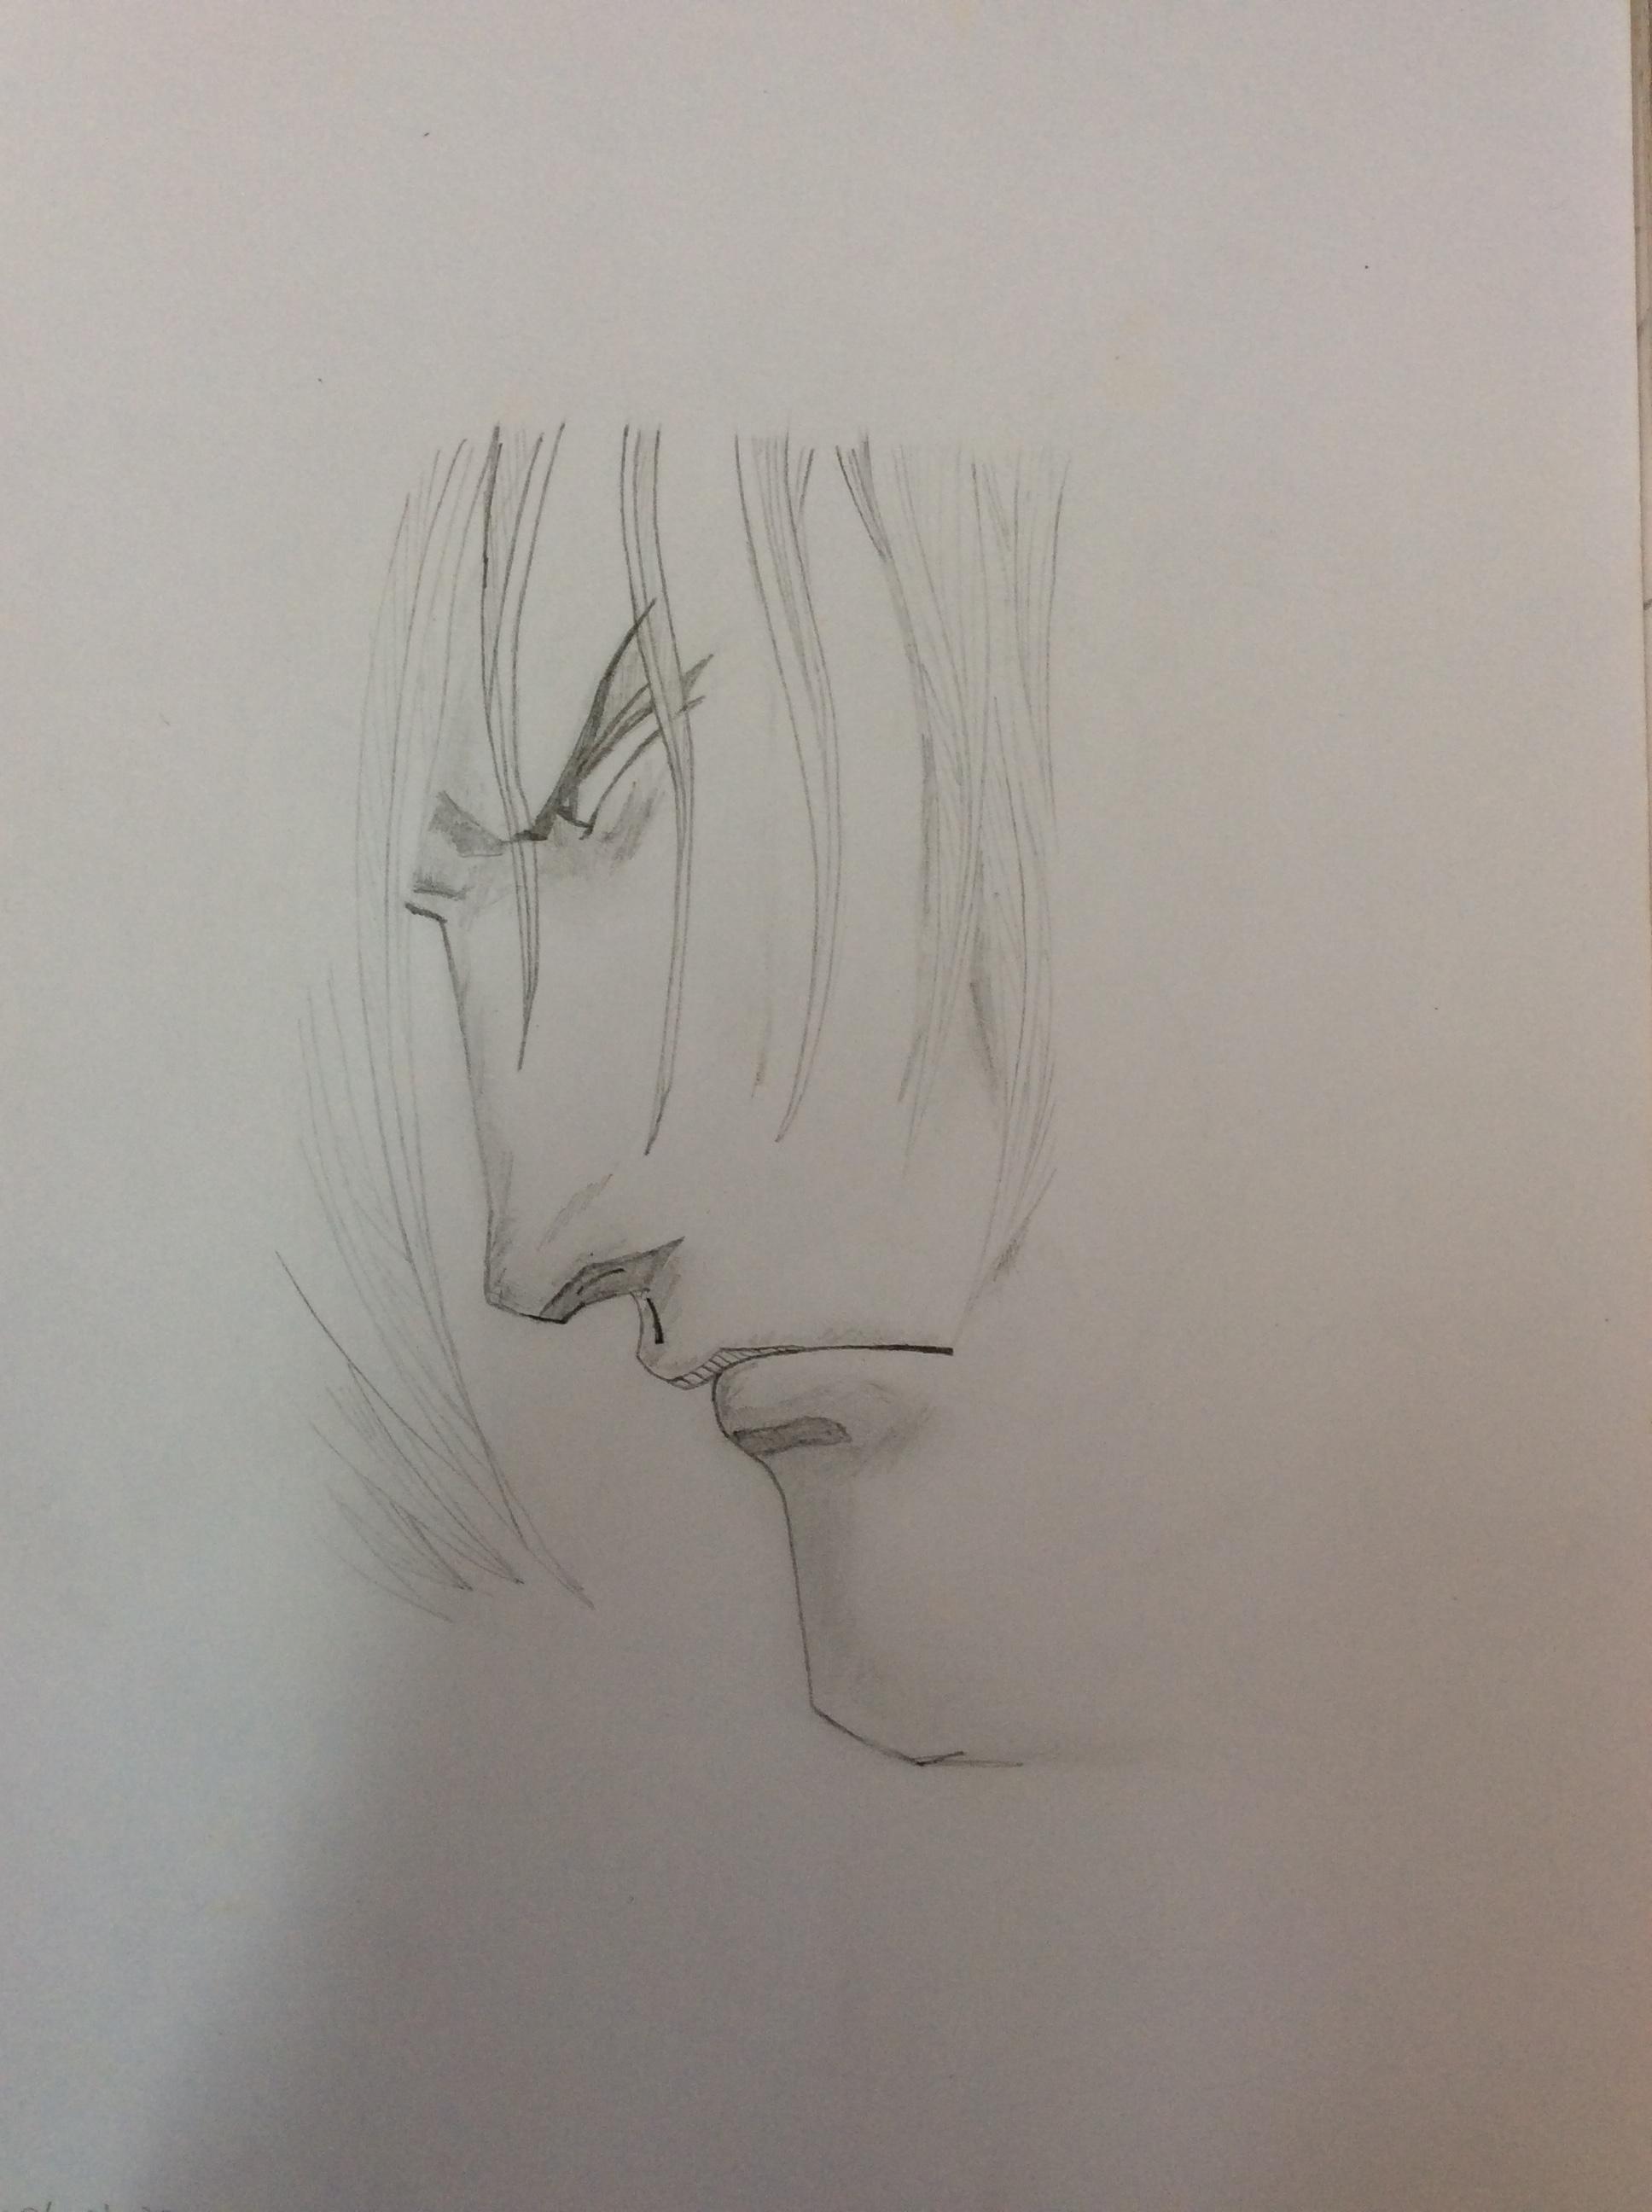 八神庵 [Iori Yagami]